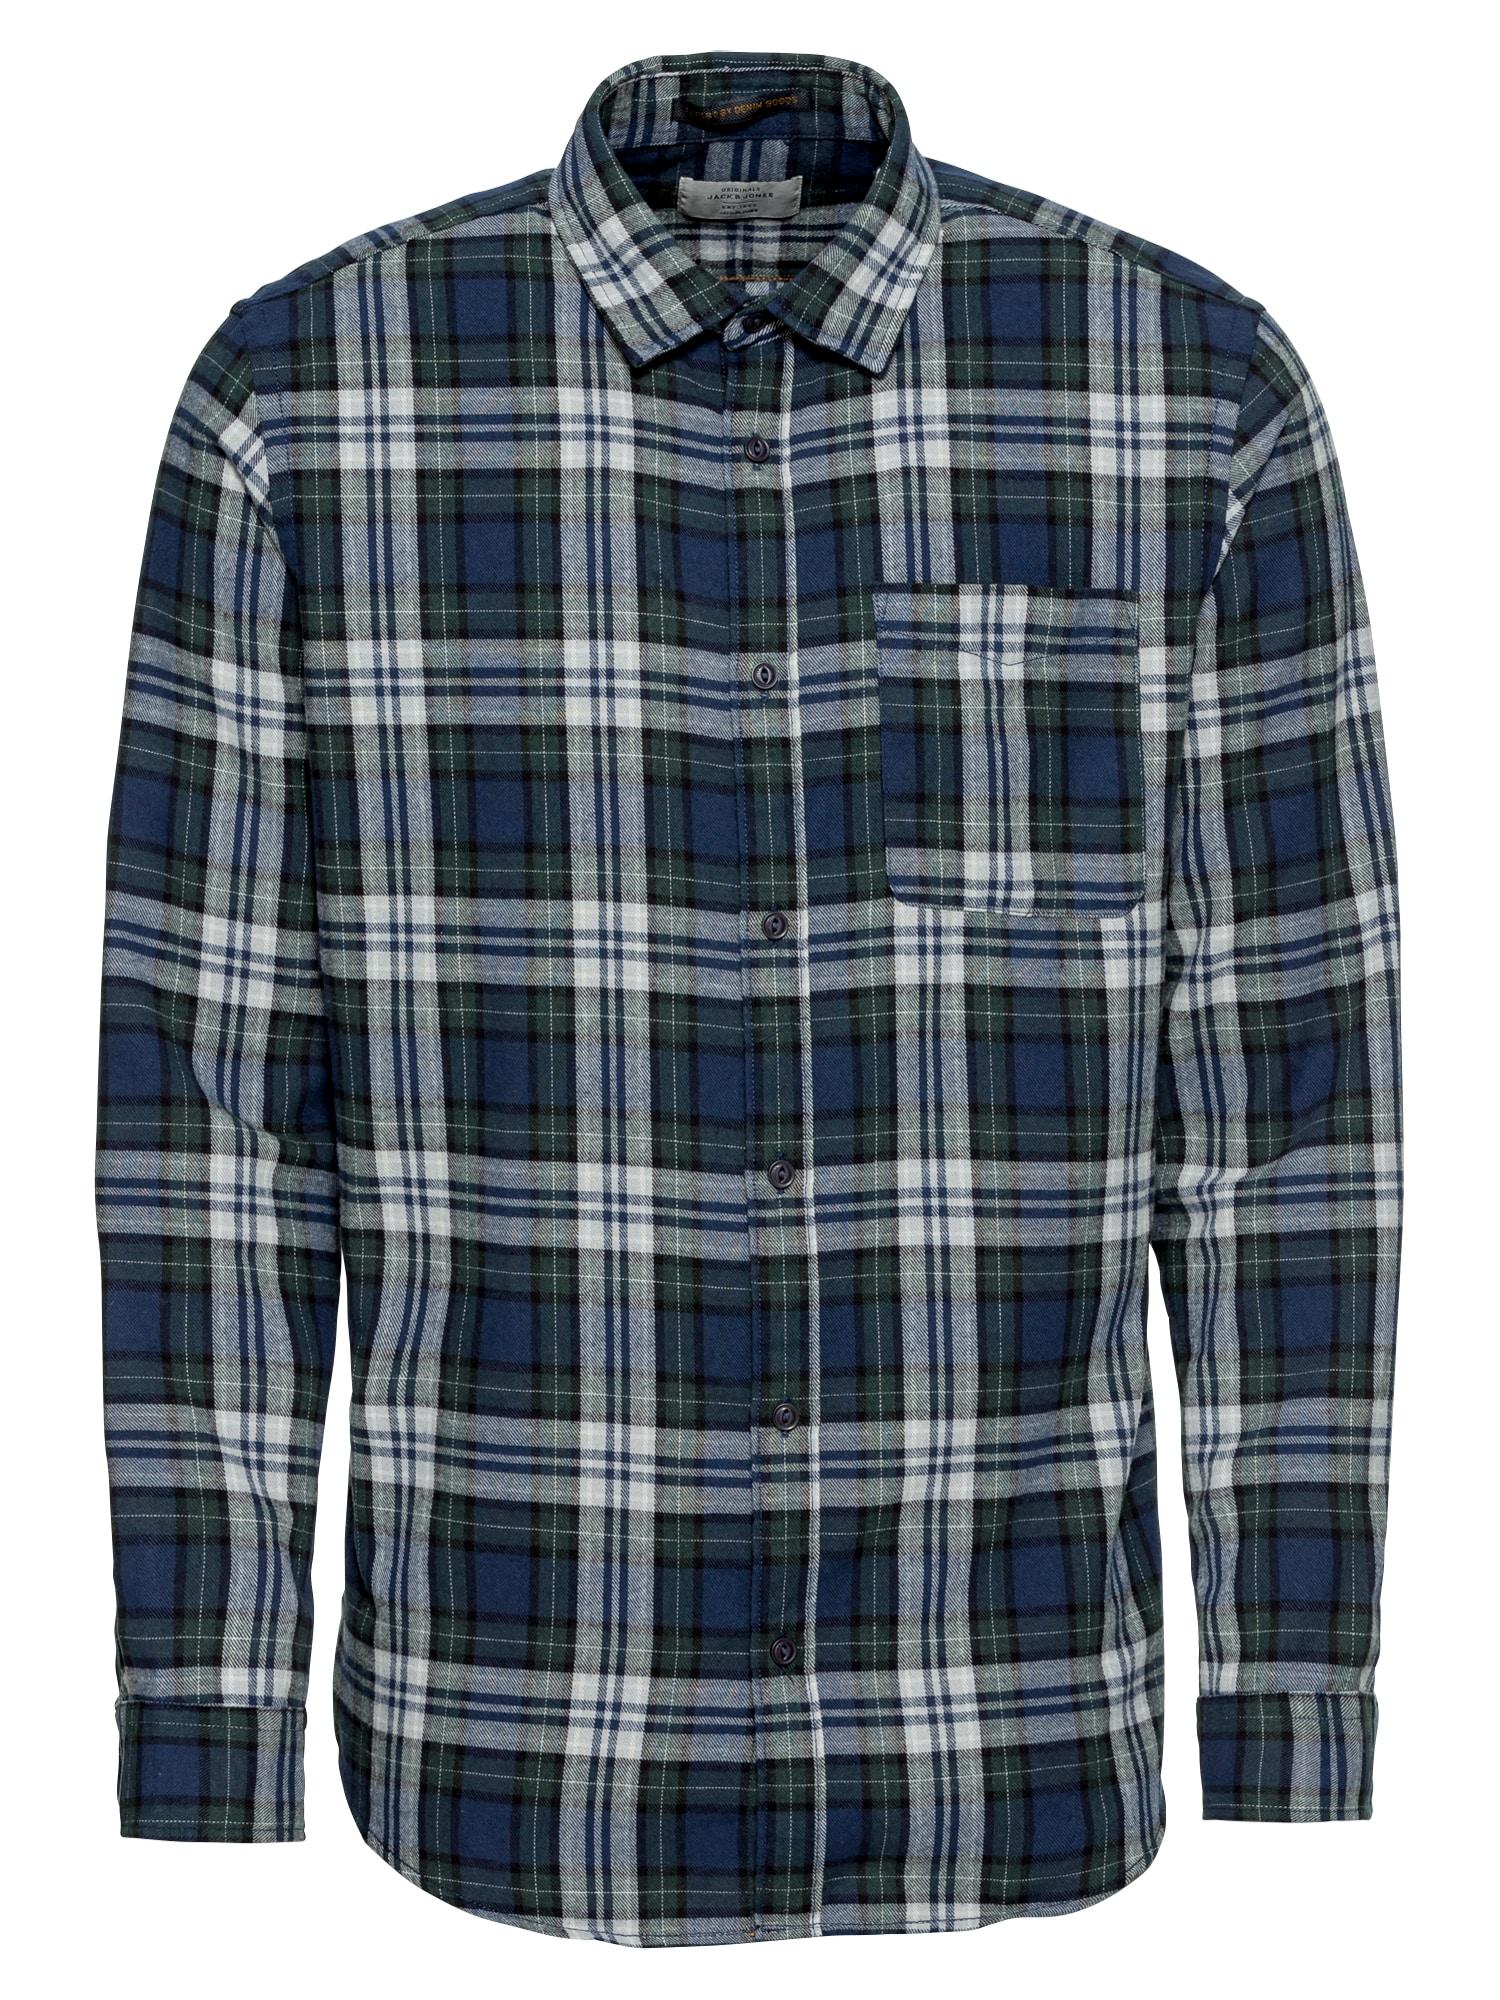 Košile JORSTEVEN SHIRT LS modrá tmavě zelená JACK & JONES